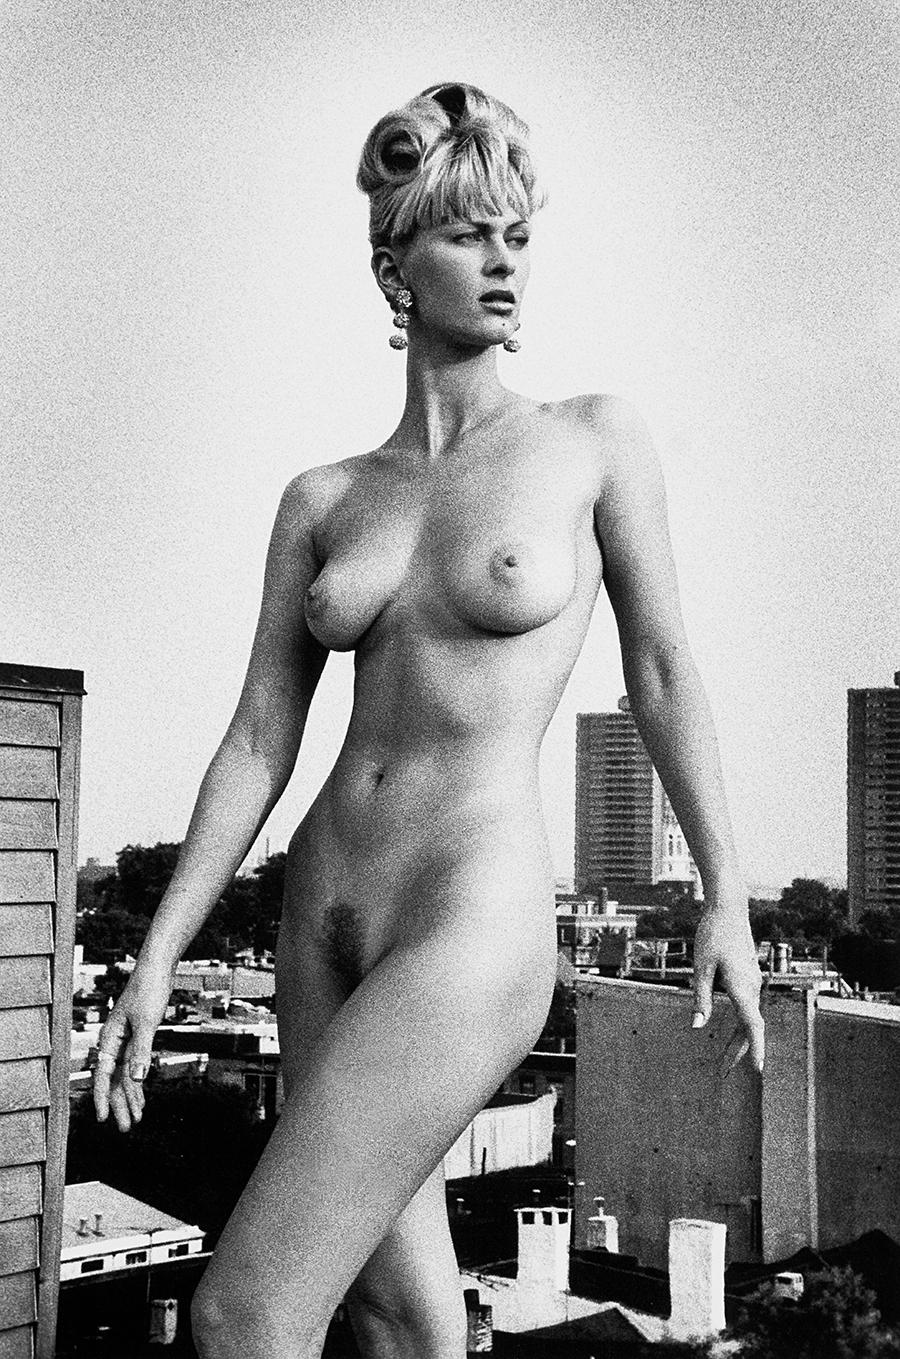 Tony_Ward_photography_early_work_portfolio_classics_nude_50_Foot_Woman